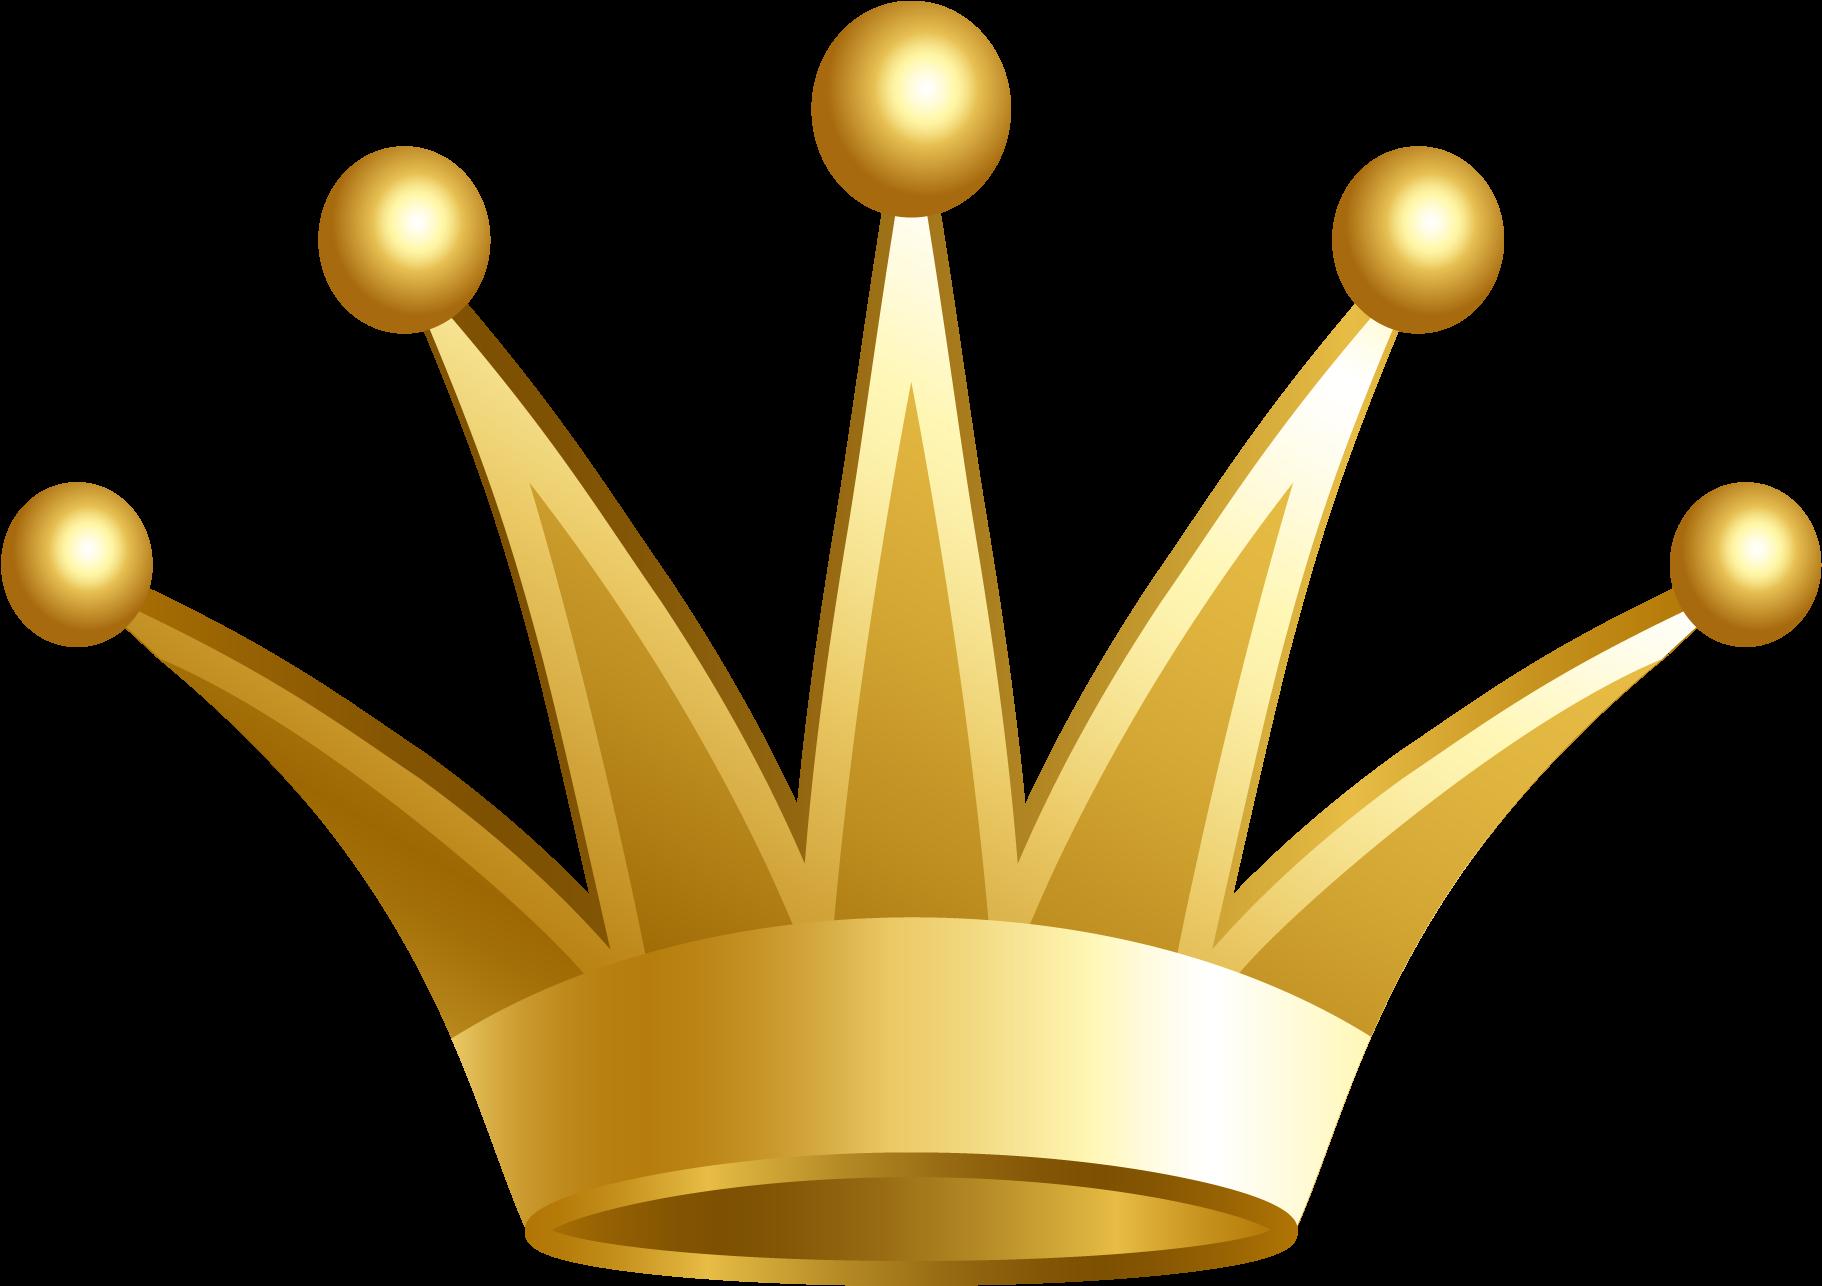 Приколы, корона картинки на прозрачном фоне